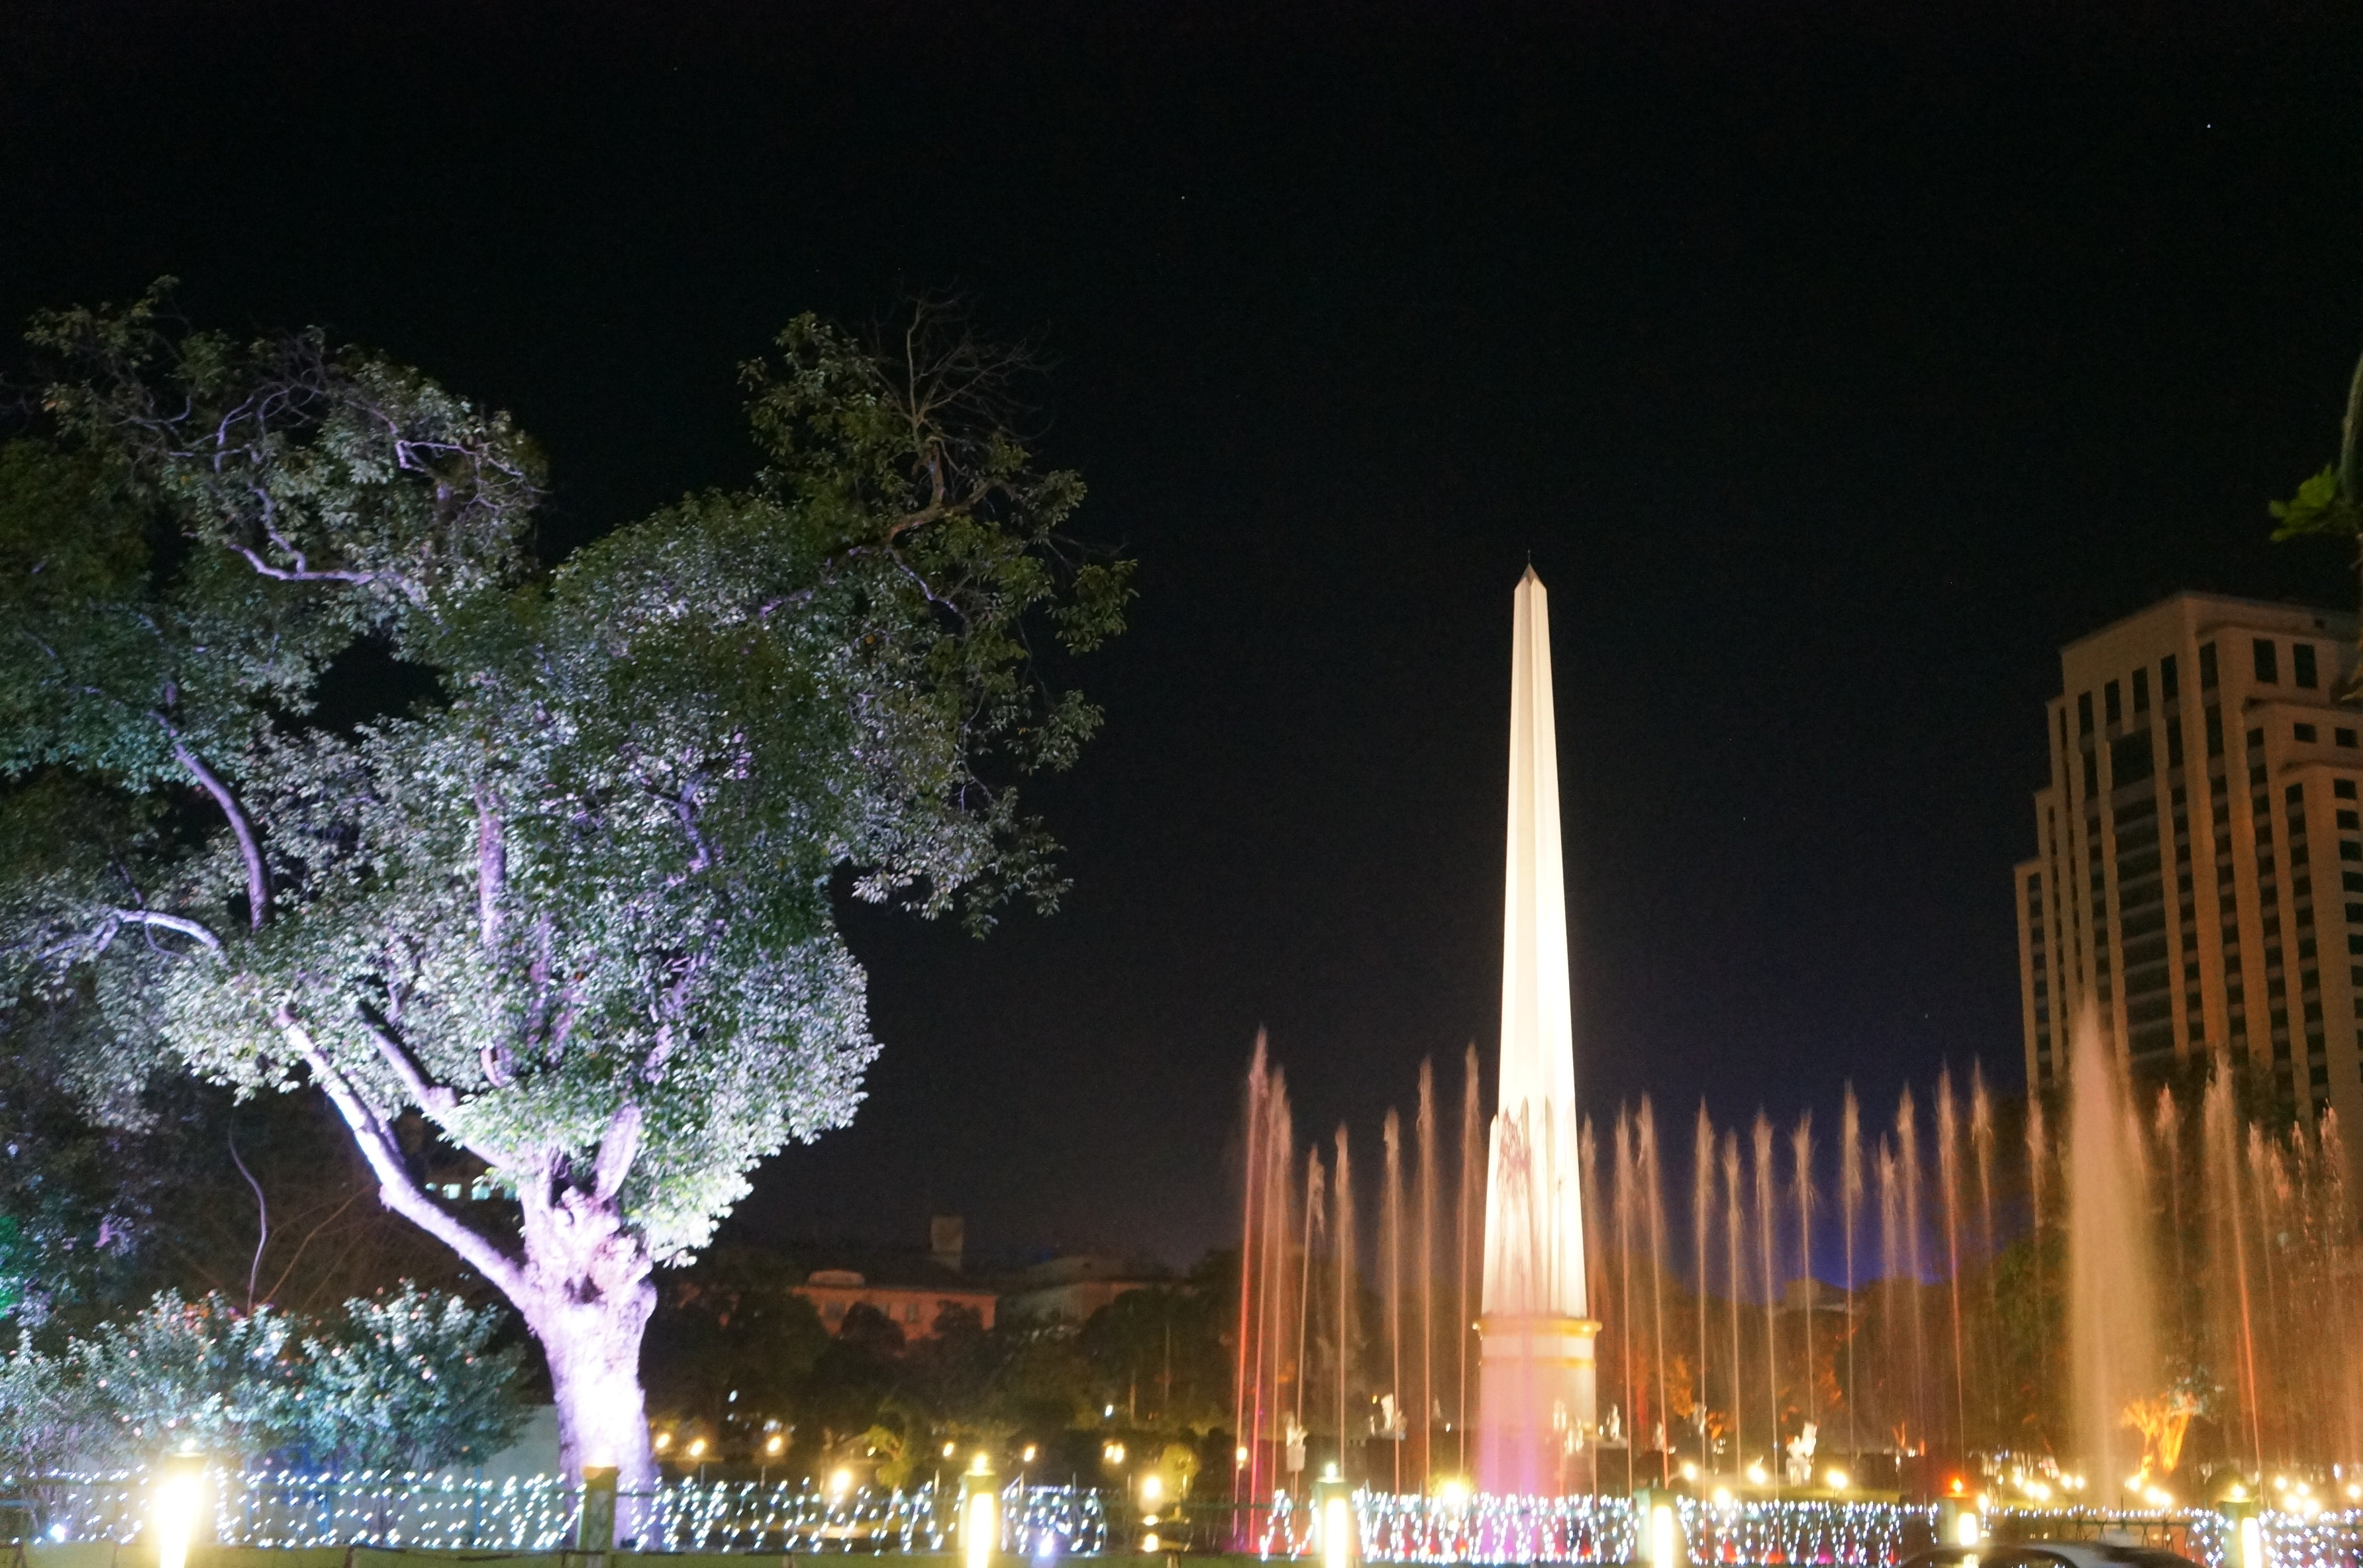 欧式喷泉广场夜景